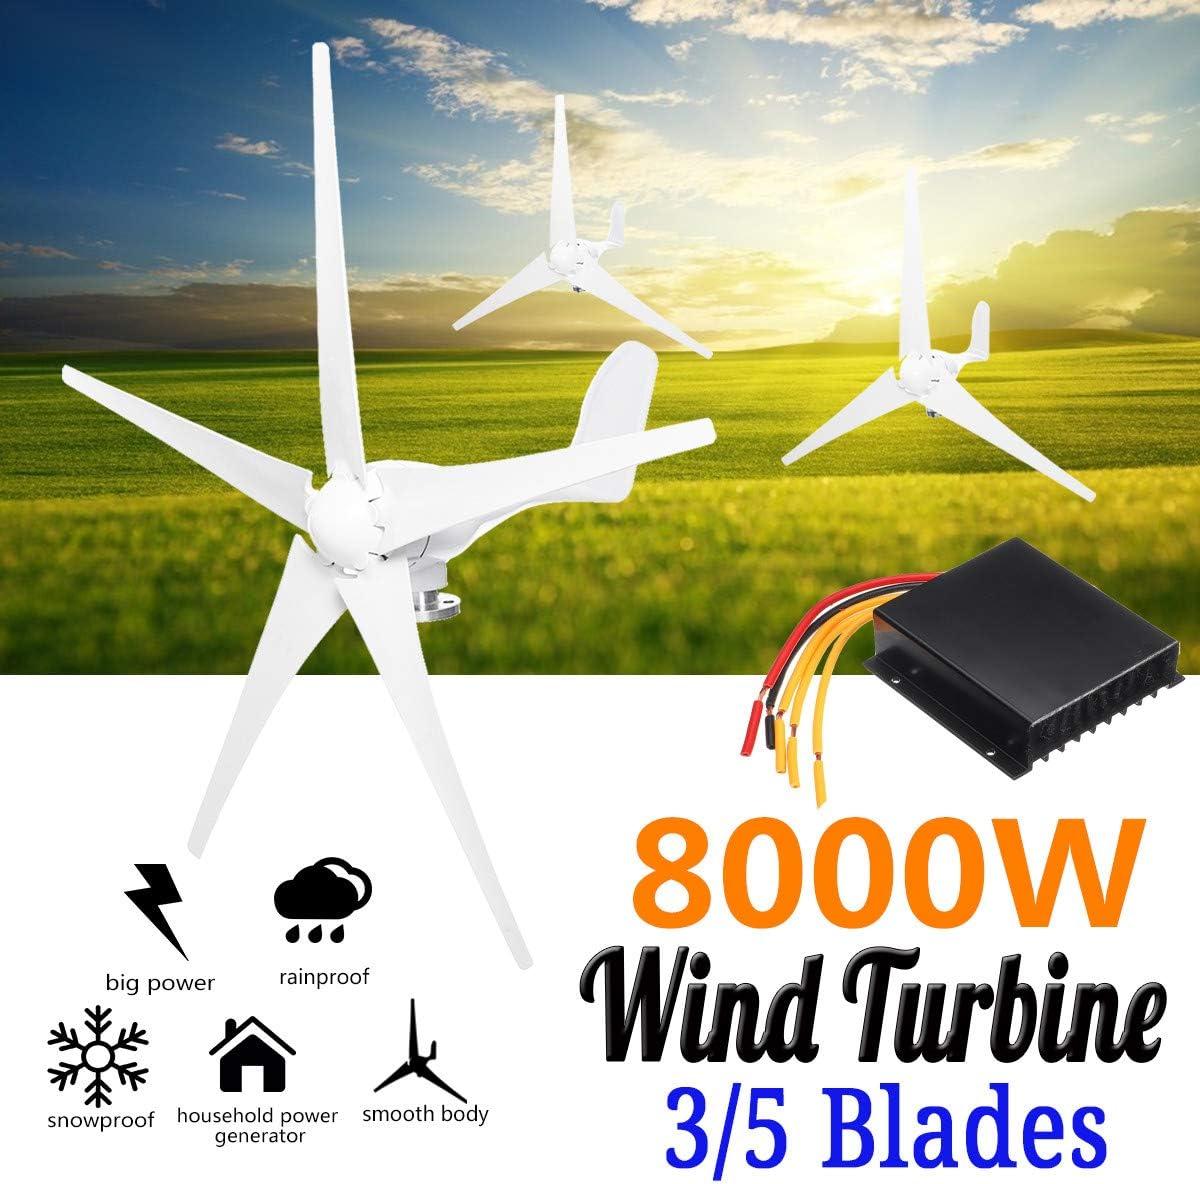 WANG Las turbinas de Viento generador Kit, 8000W 12V / 24V 3/5 Lamas horizontales generador de Viento del Molino de Viento con el regulador de energía Turbinas de Carga,24v: Amazon.es: Deportes y